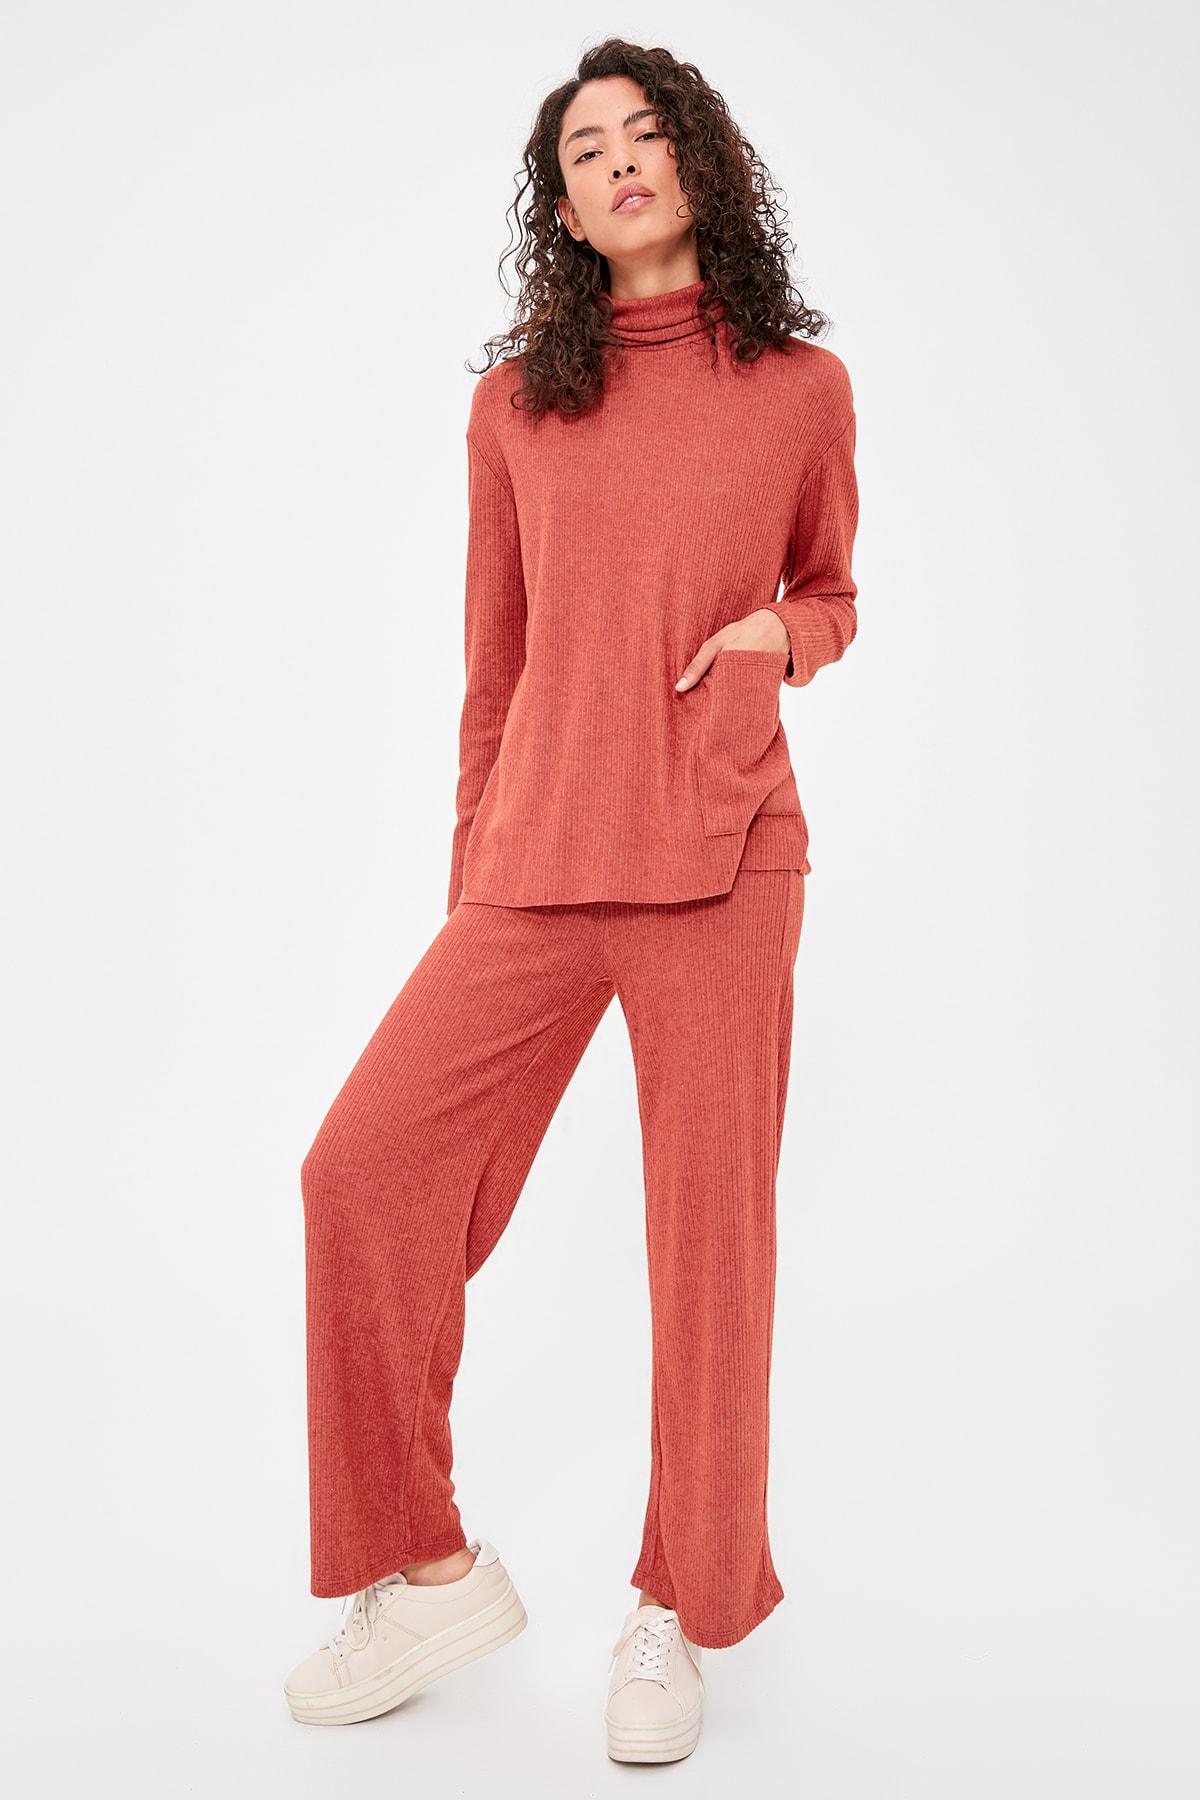 Trendyol Ribbed Knit Pants TWOAW20PL0500